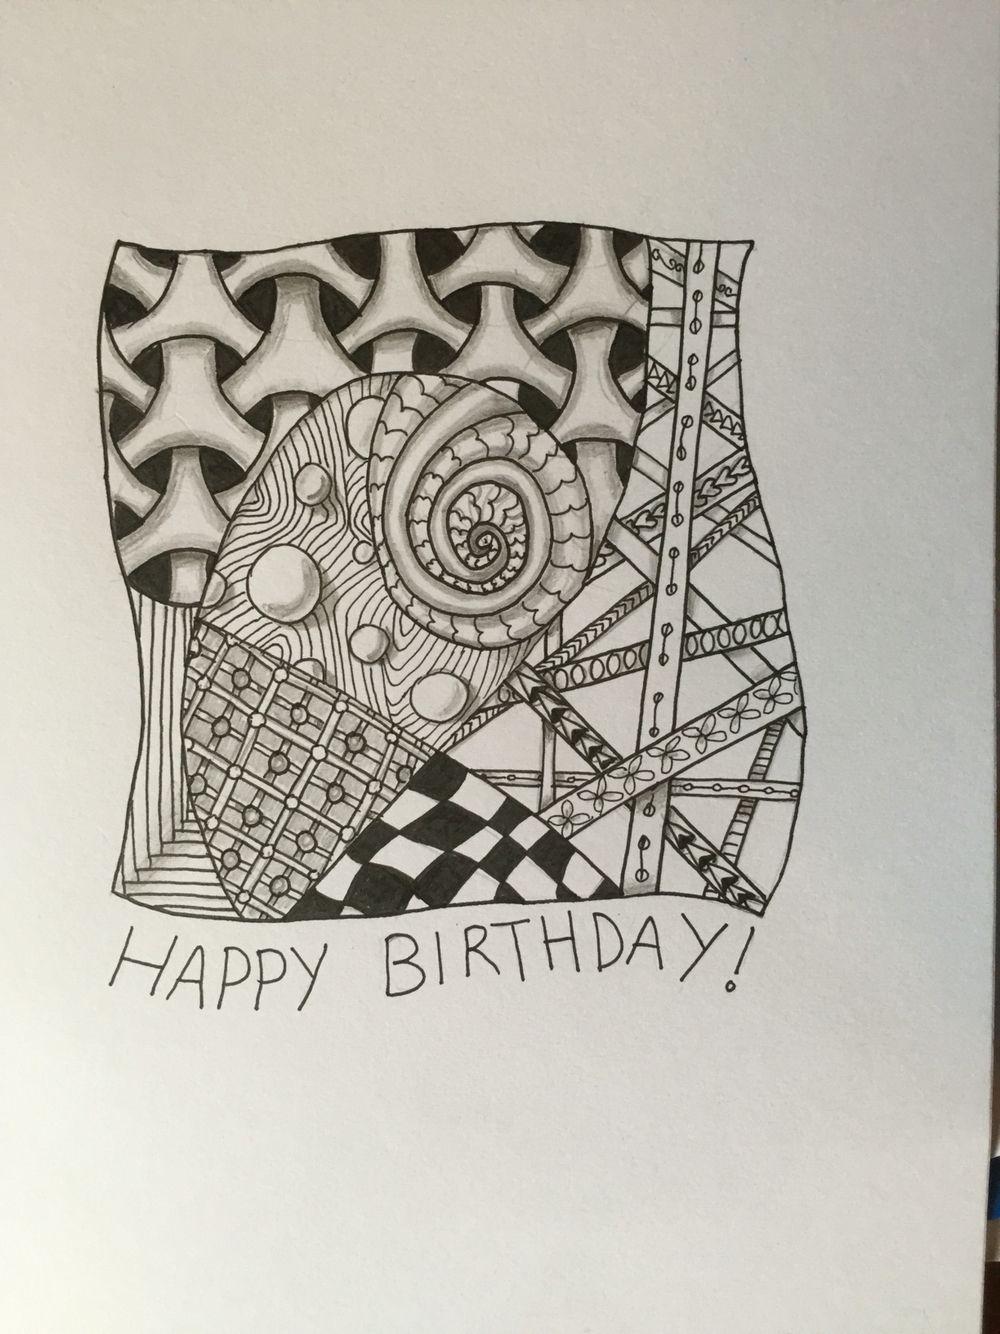 Zentangle Birthday Card Zentangles Pinterest Zentangles And